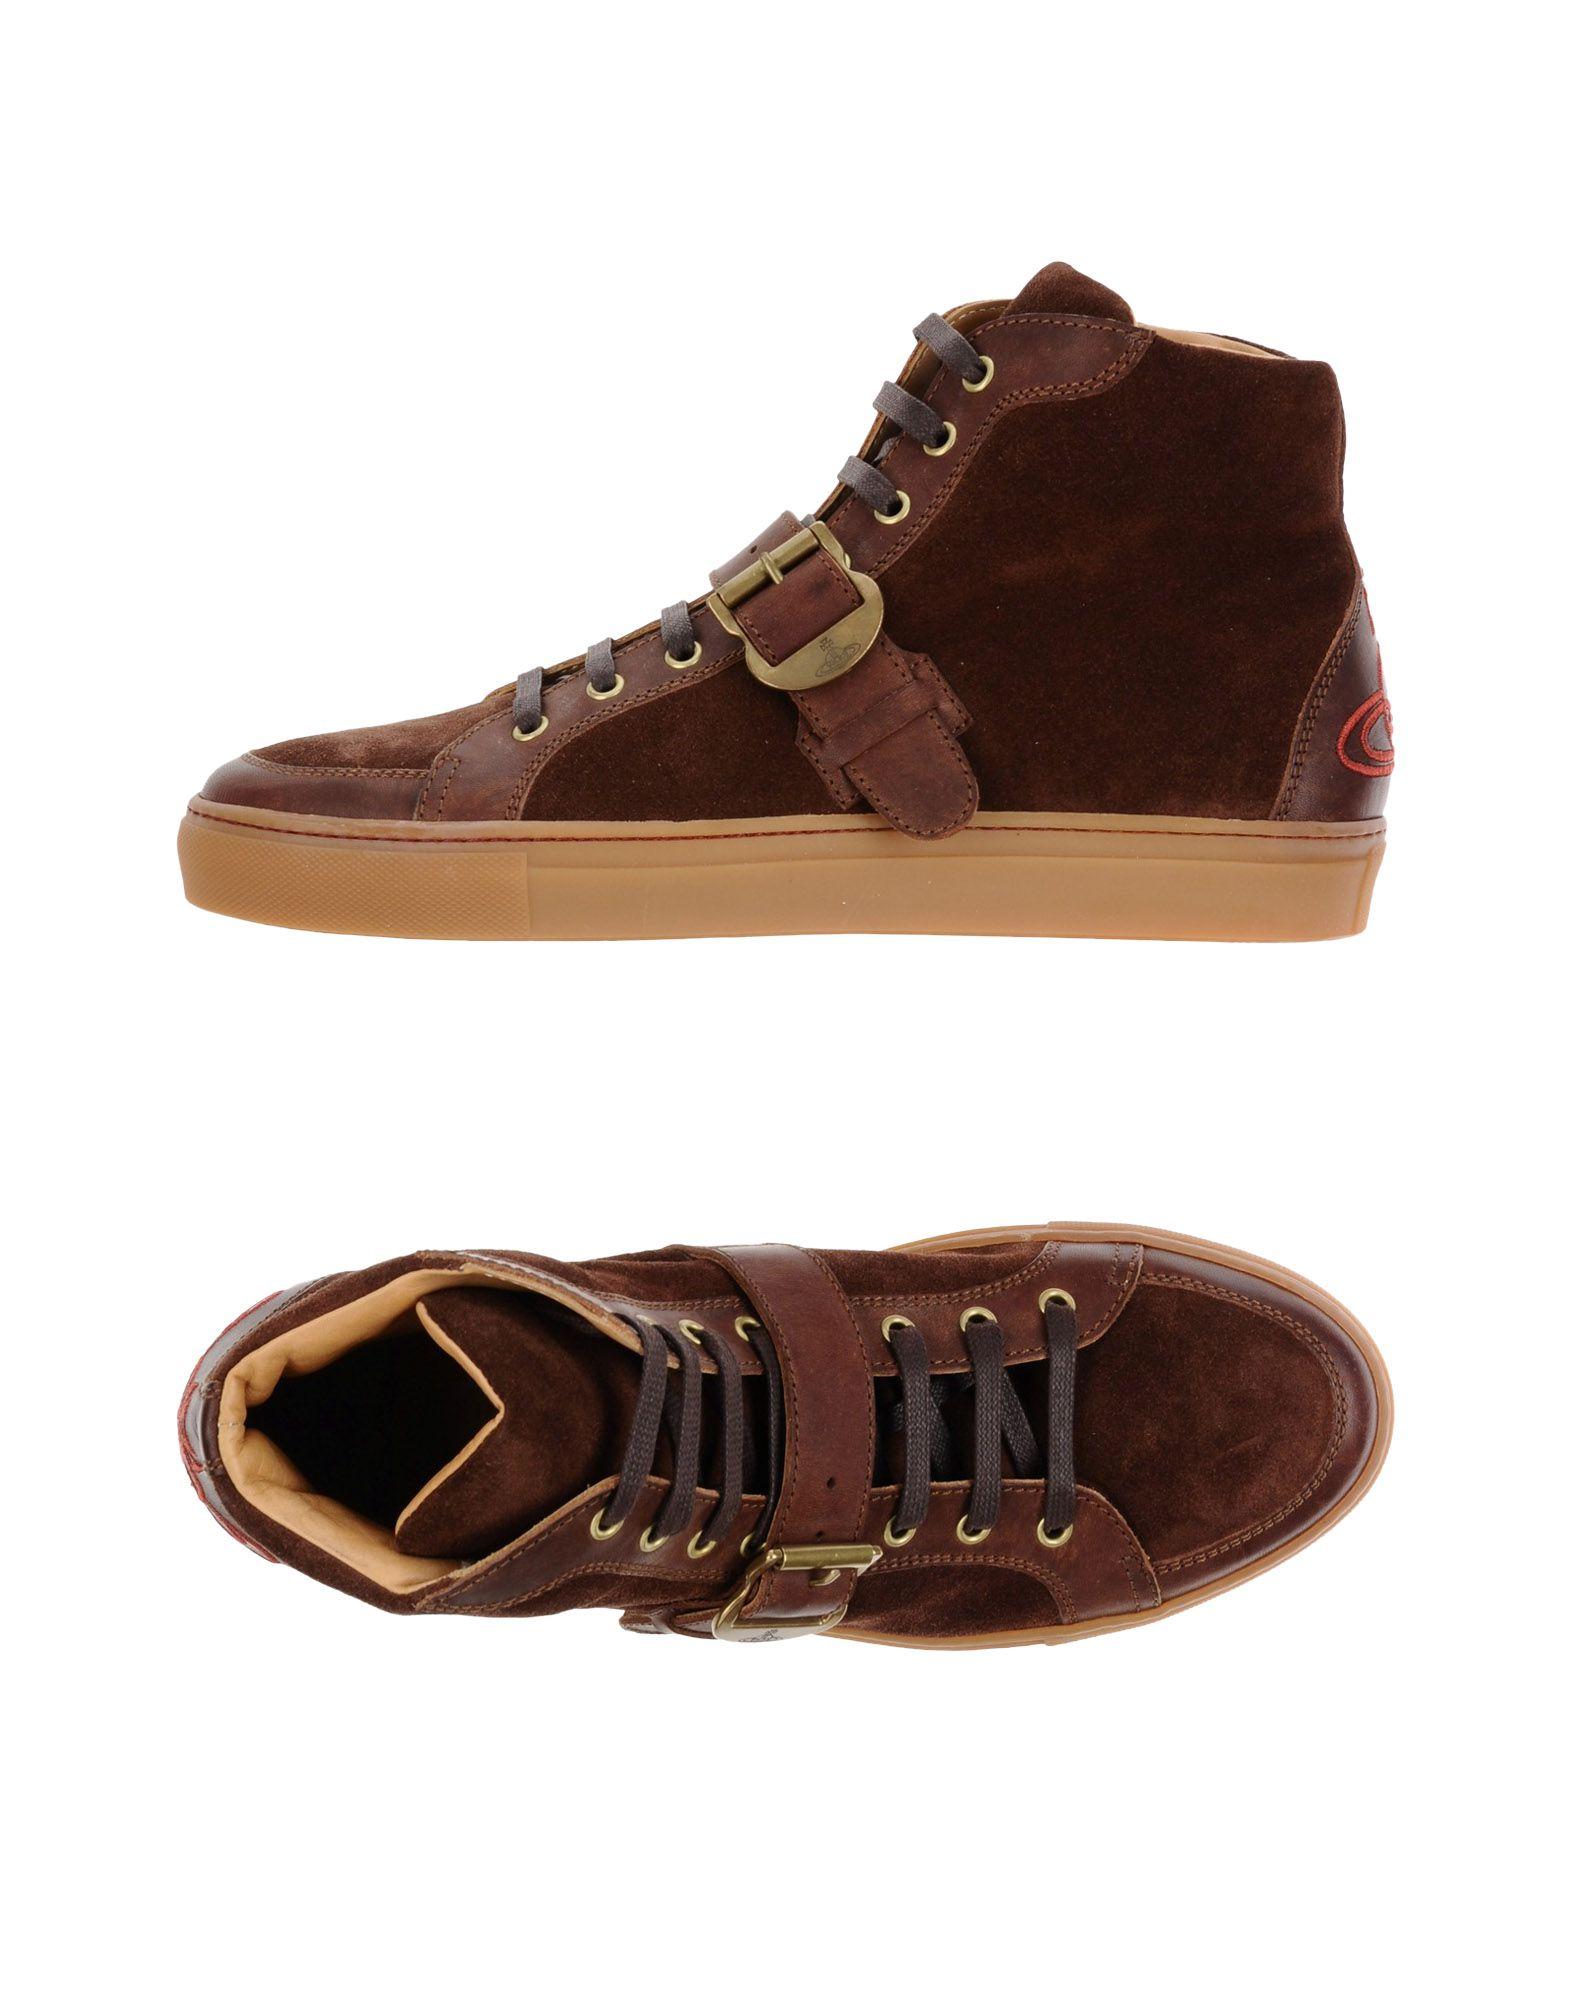 VIVIENNE WESTWOOD MAN Herren High Sneakers & Tennisschuhe Farbe Mittelbraun Größe 9